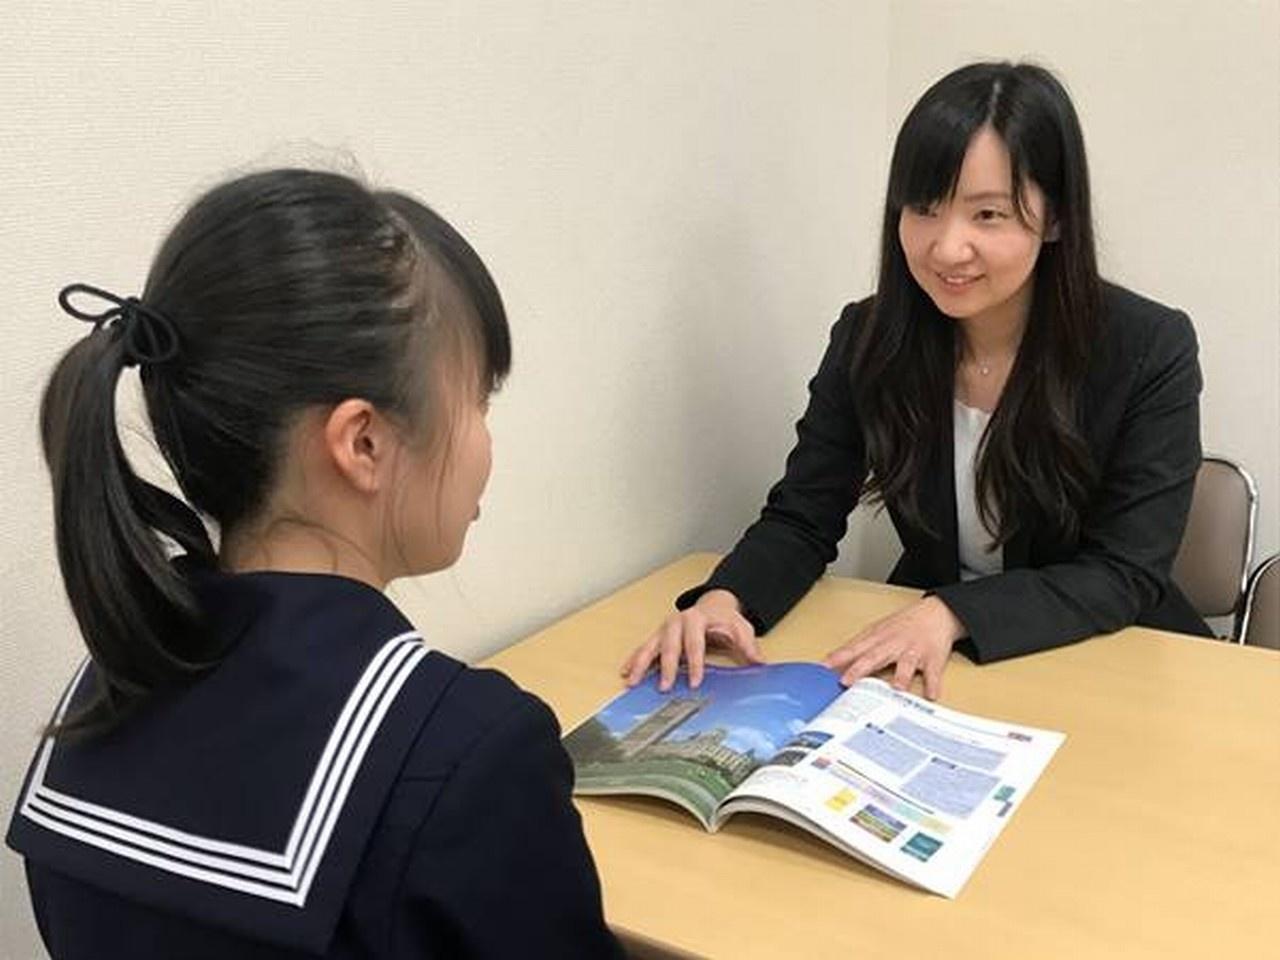 【急募】(1)その他(家庭教師・学習塾・予備校) [ア][パ] (...